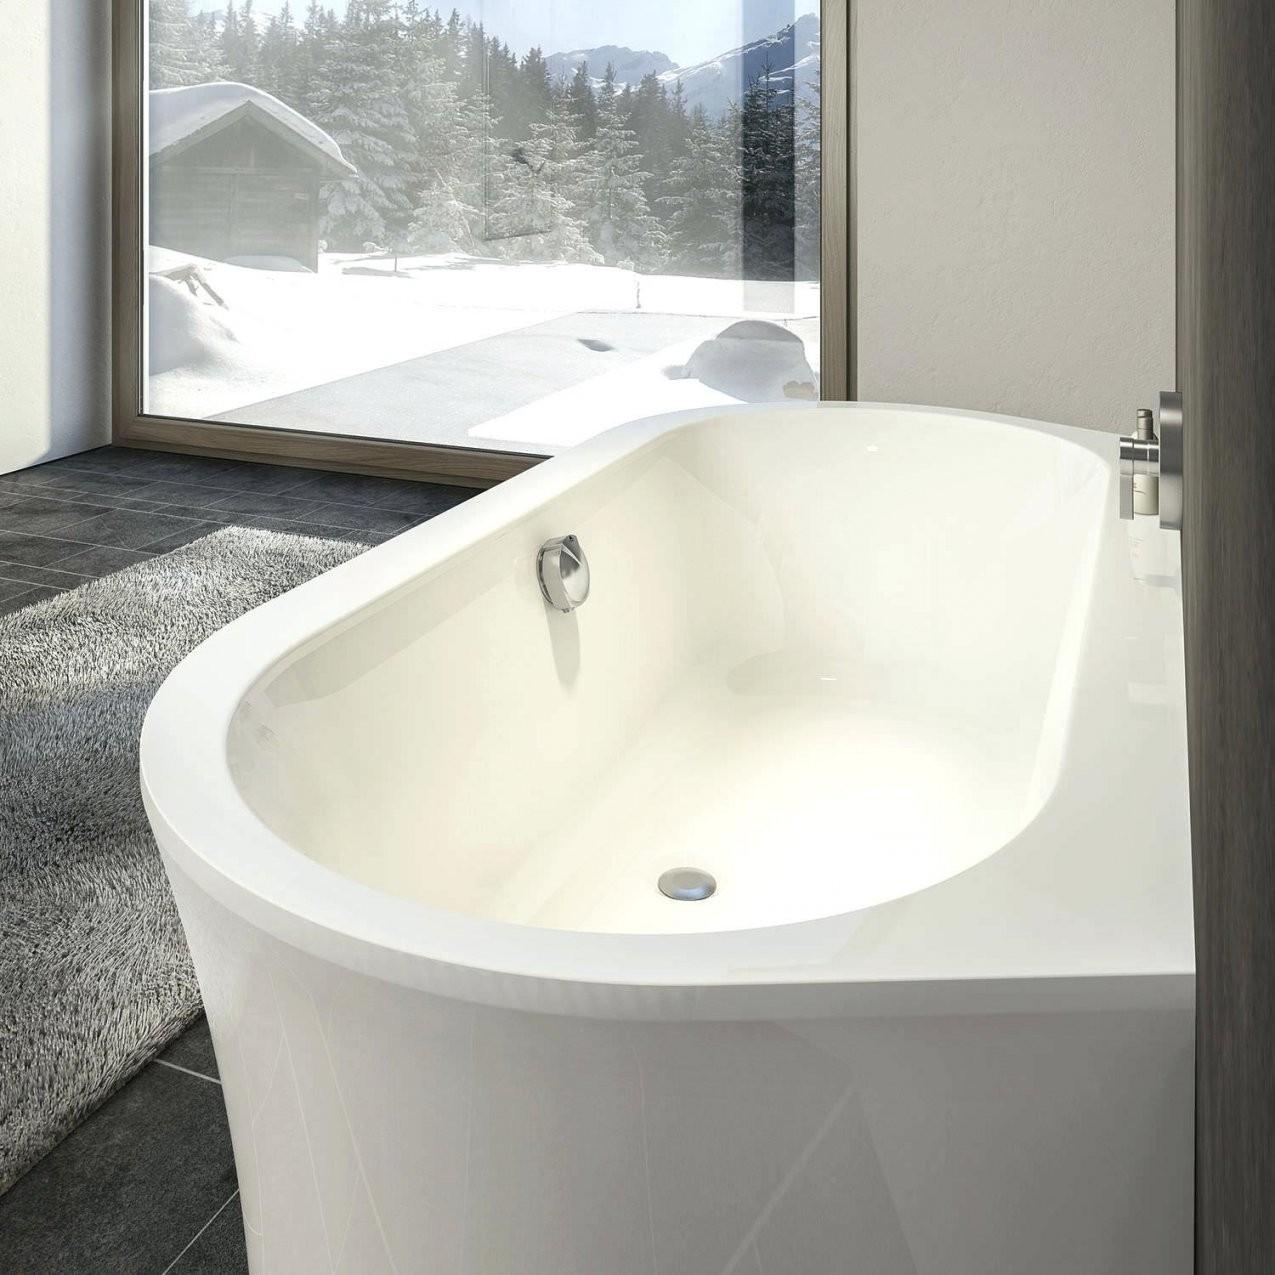 Badewanne Oval Freistehend Für Badewanne Freistehend Mineralguss Top von Ovale Badewannen Freistehend Bild